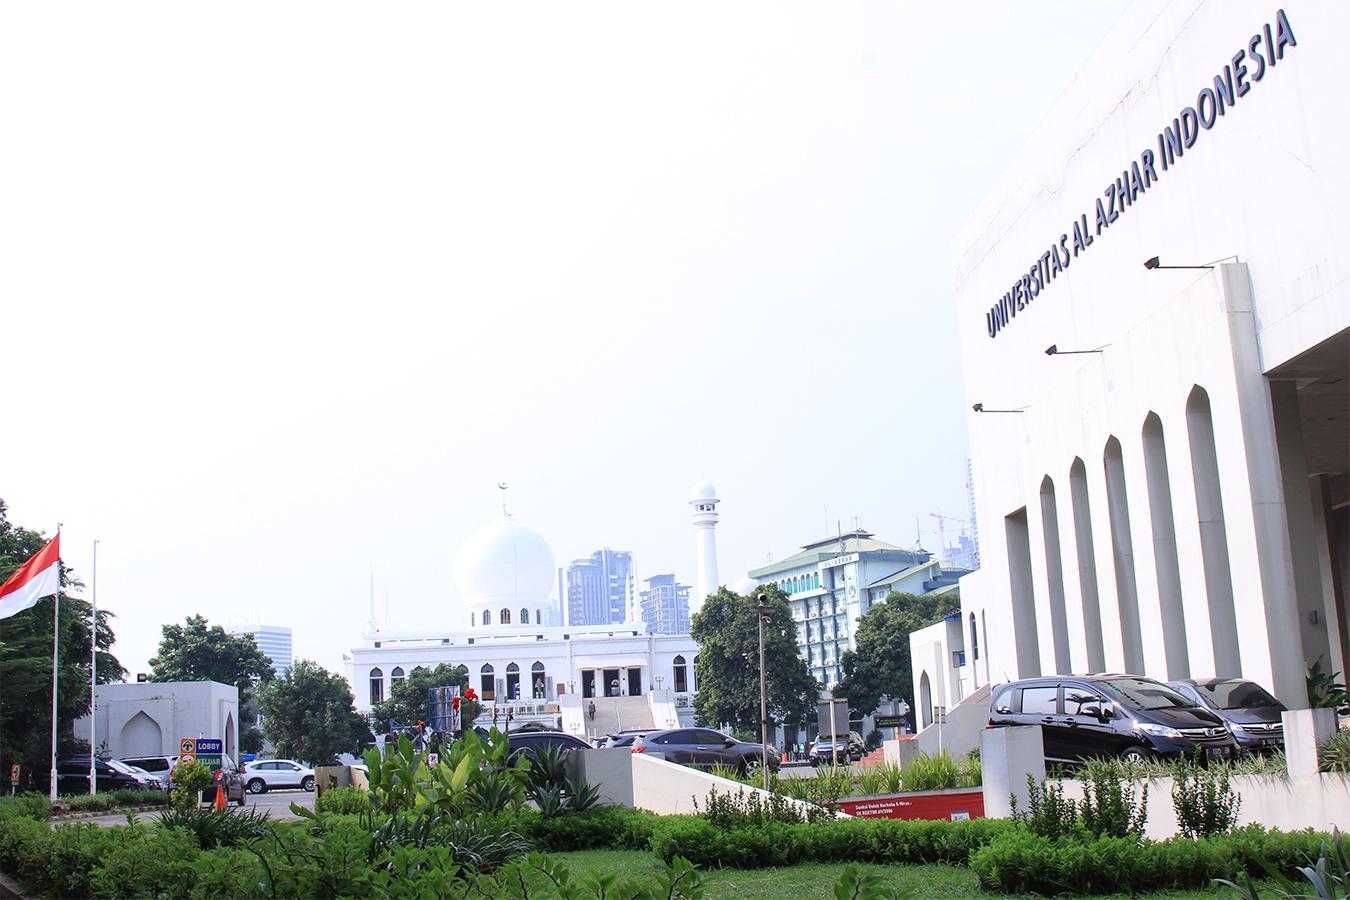 Pemkot Bengkulu Mencari 40 Putra Terbaik Untuk Diberi Beasiswa Kuliah S-1 Universitas Al Azhar Indonesia